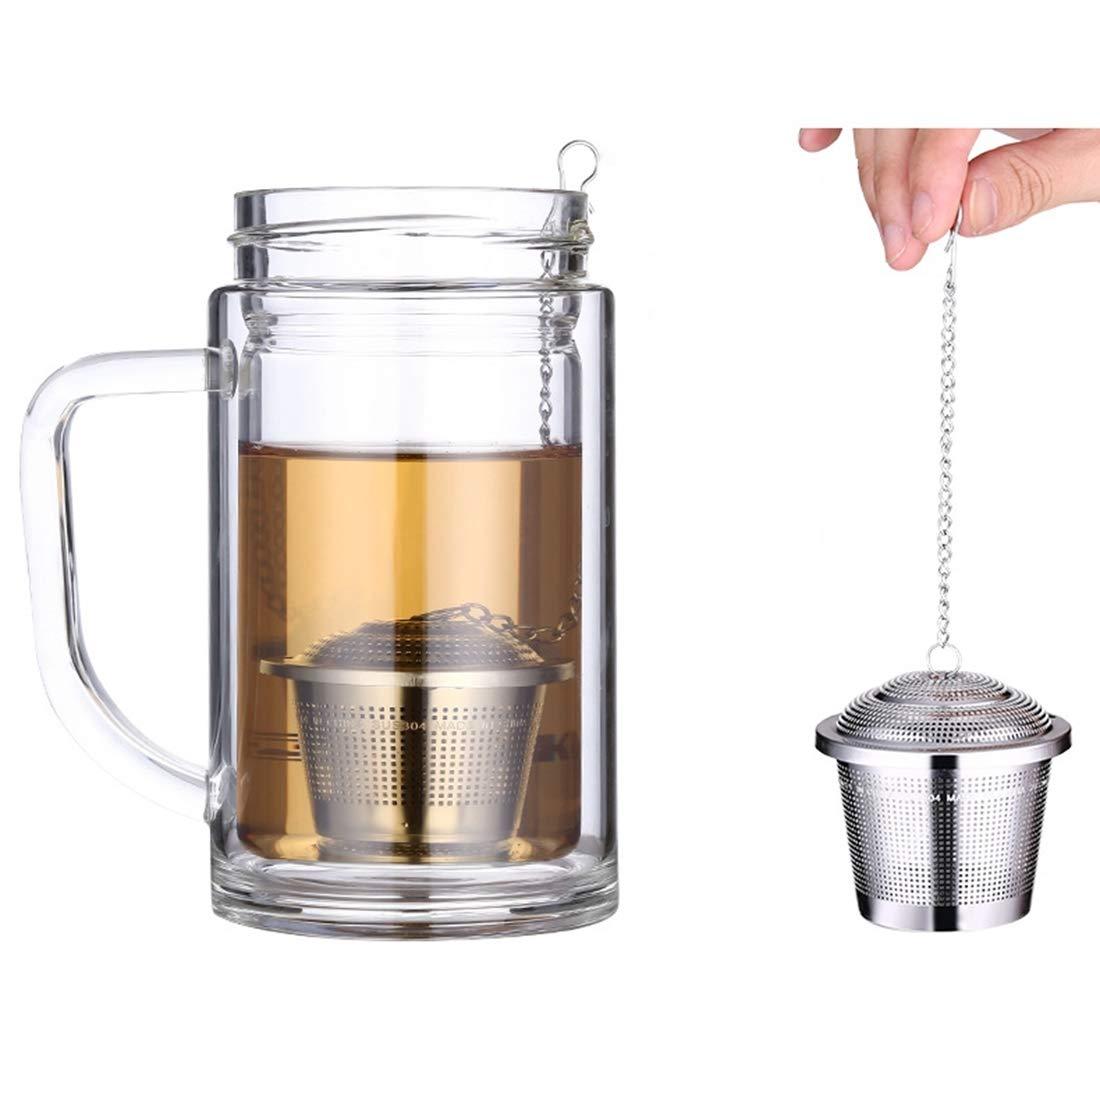 Accueil Boule à thé infusion en maille épice en acier inoxydable, filtre à lie, petit format: 4,5 x 4 cm Cuisine filtre à lie AiErBeiLu